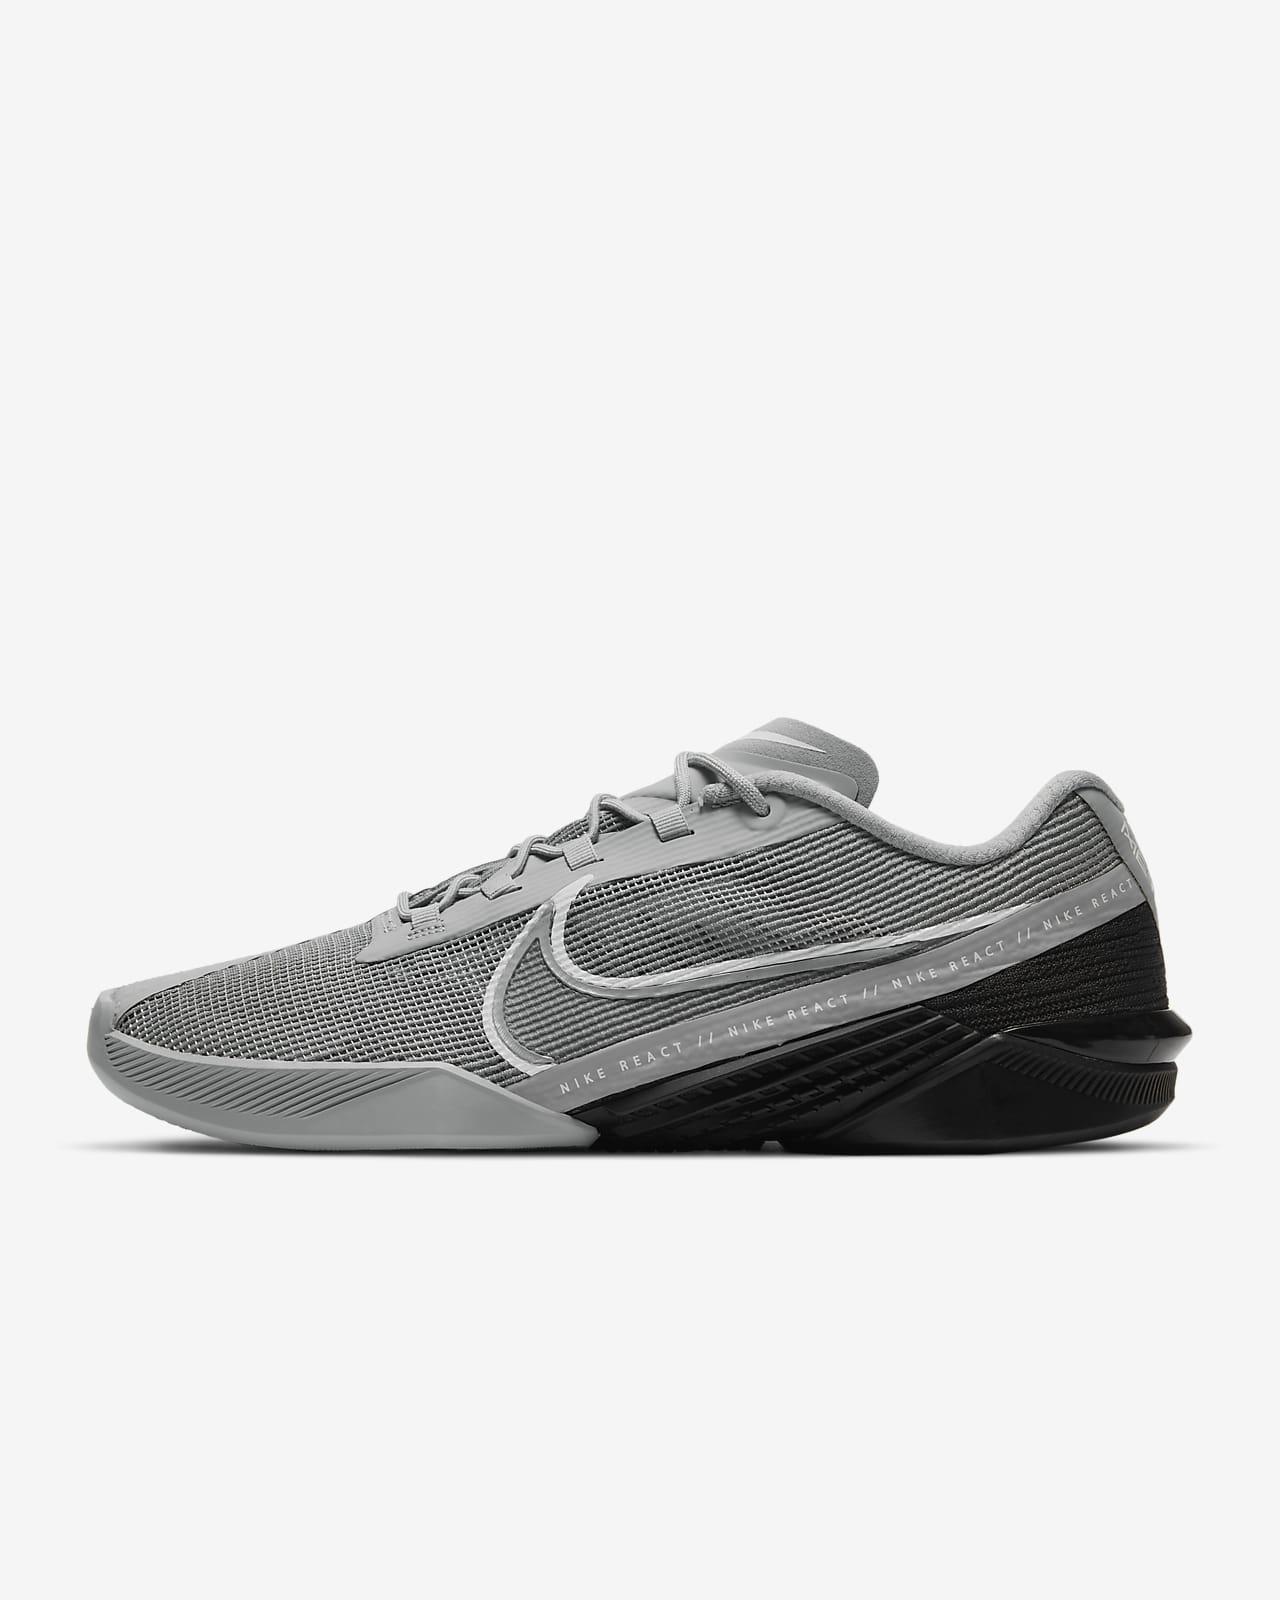 Nike React Metcon Turbo Antrenman Ayakkabısı